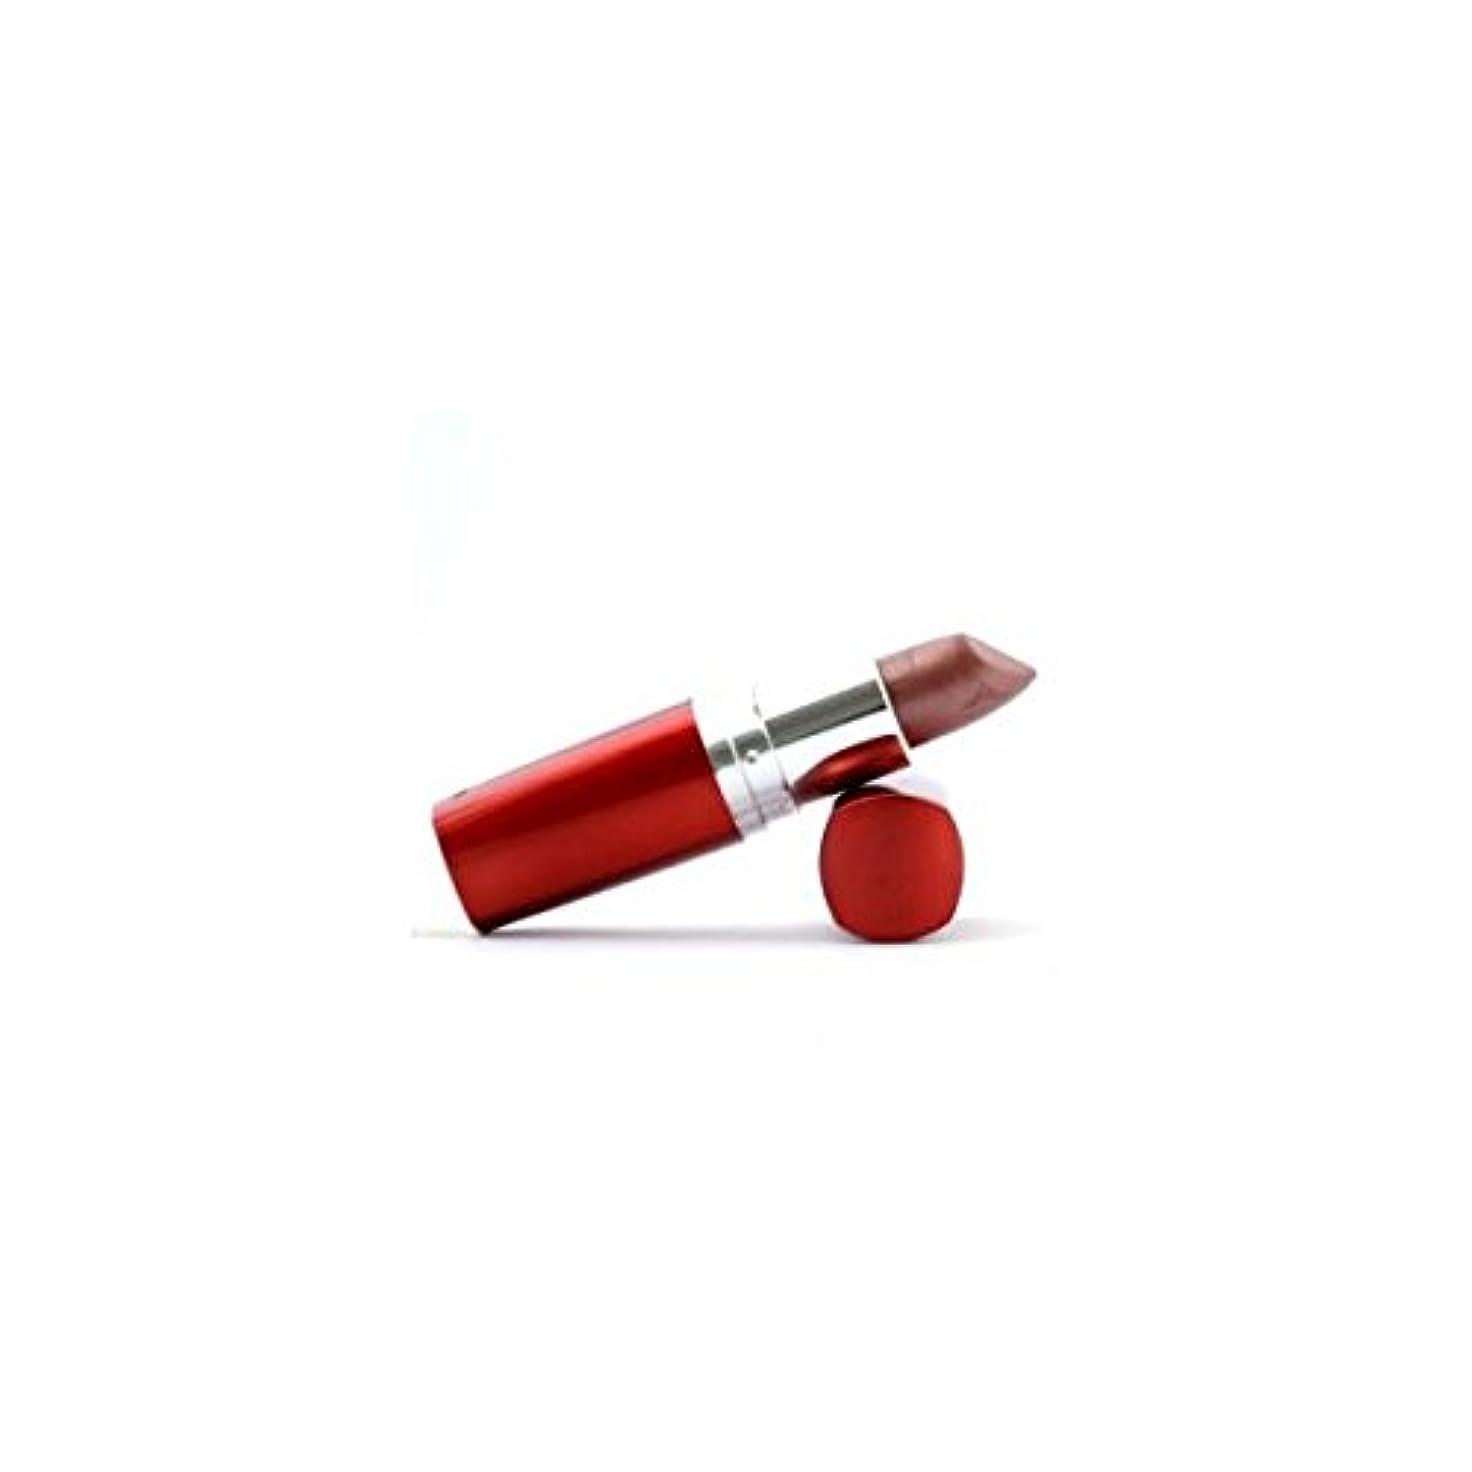 ピストンソファー郵便物Gemey Maybelline Lippenstift Hydra Extreme, feuchtigkeitsspendend, 52/232 Topas/Rosa